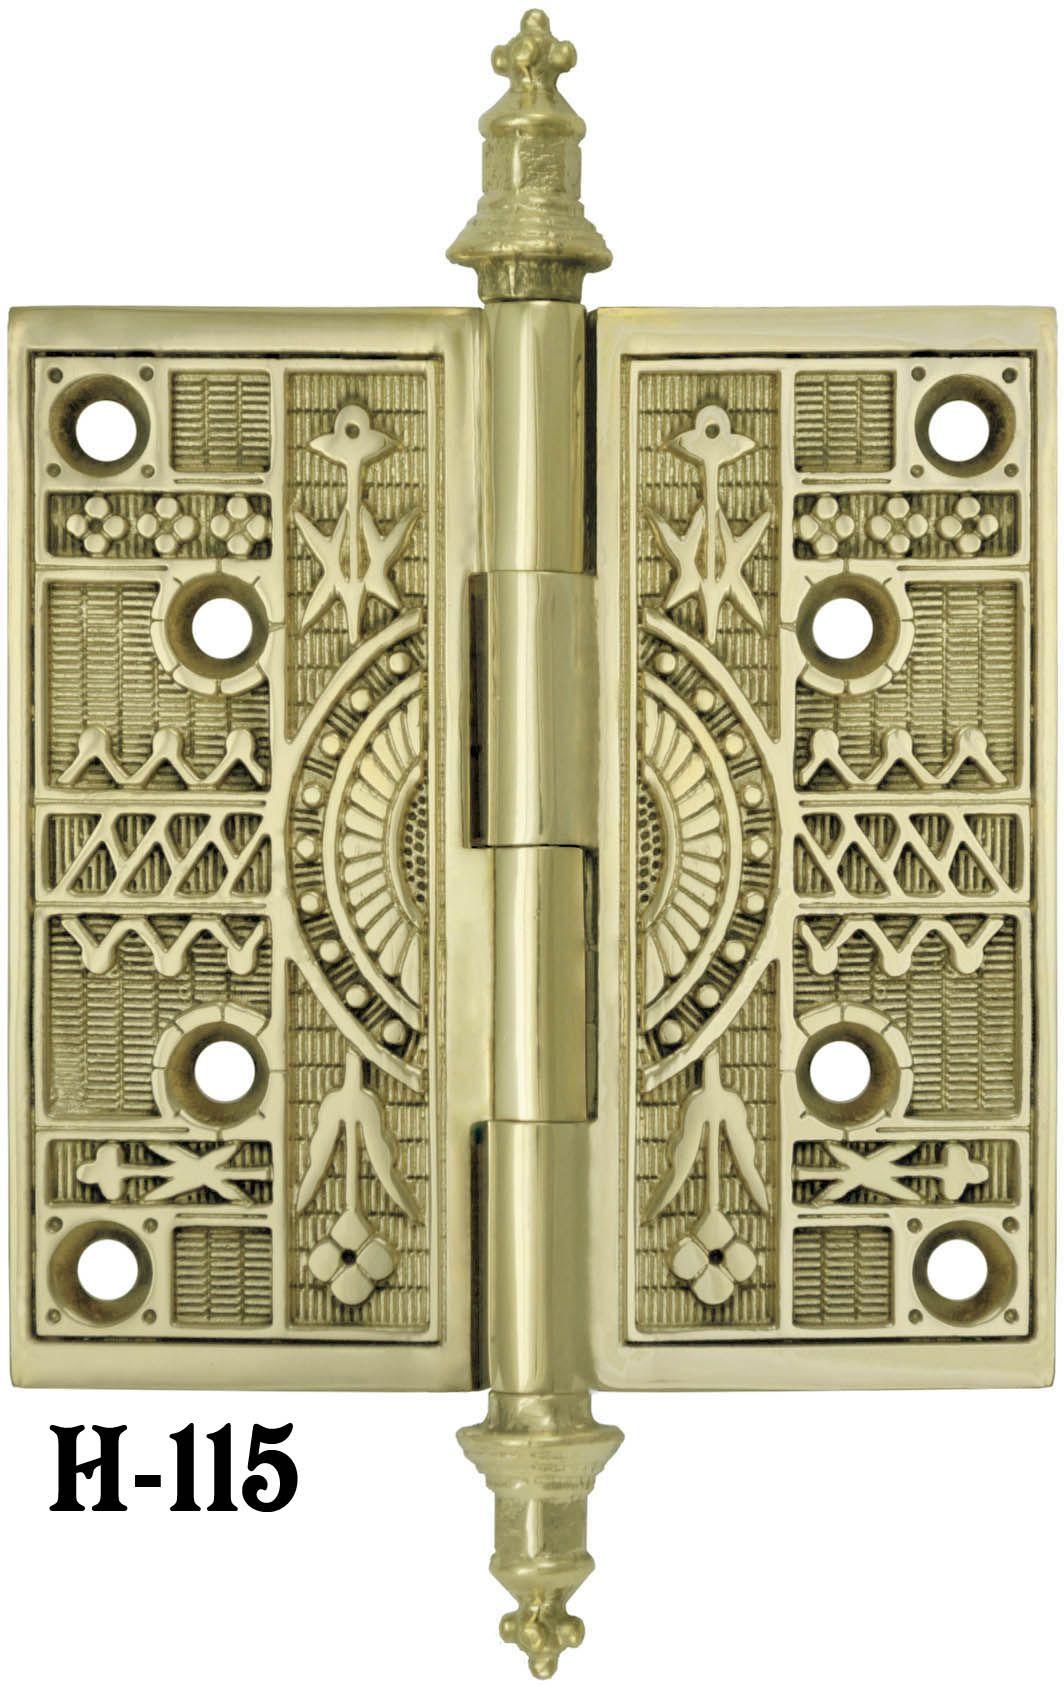 Eastlake Steeple Tip Door Hinges Reproduction Antique Brass Door Hinge. See  the entire selection of - Eastlake Steeple Tip Door Hinges Reproduction Antique Brass Door